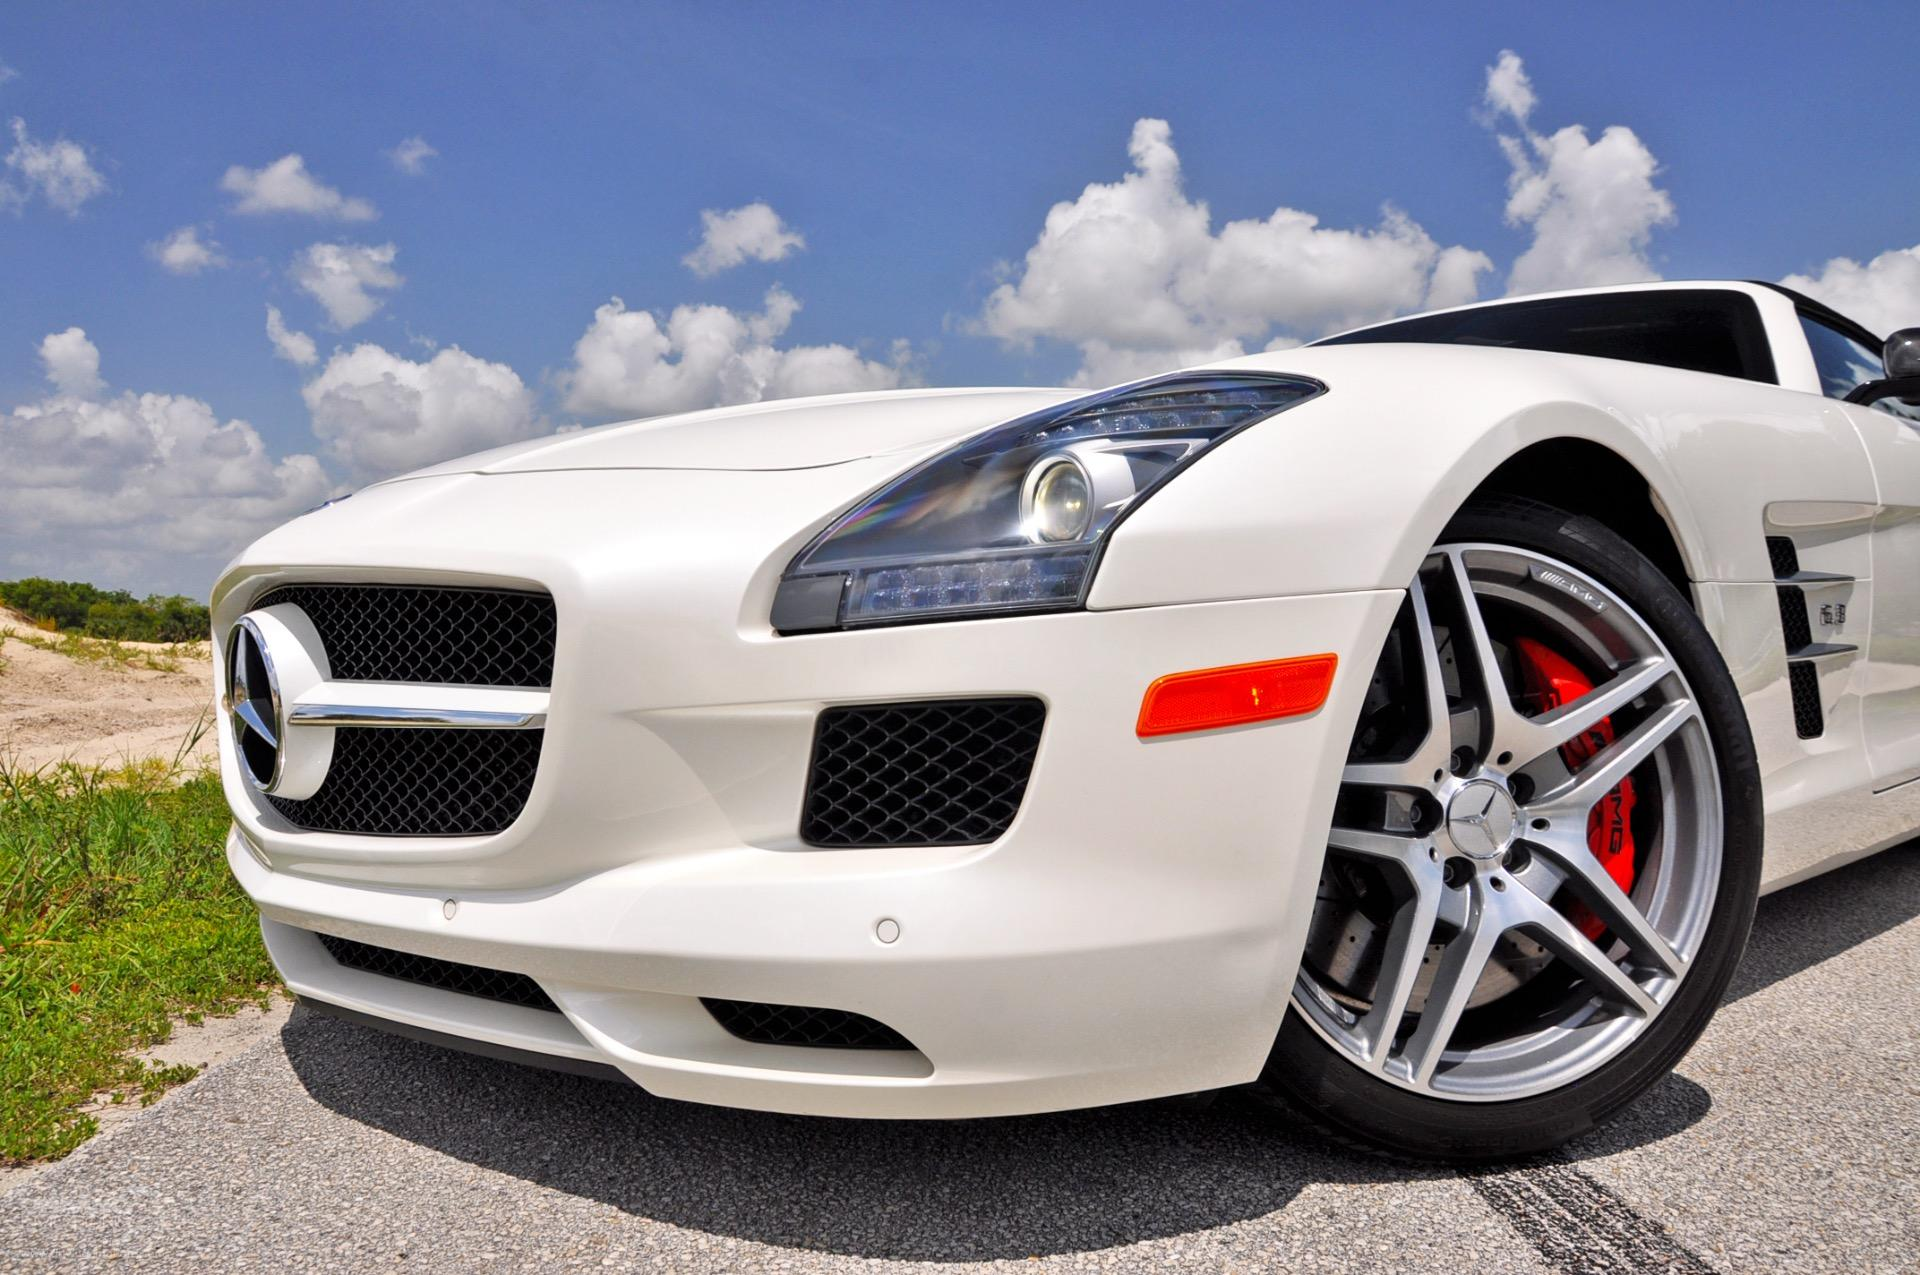 Used 2012 Mercedes-Benz SLS AMG Roadster SLS AMG Roadster | Lake Park, FL